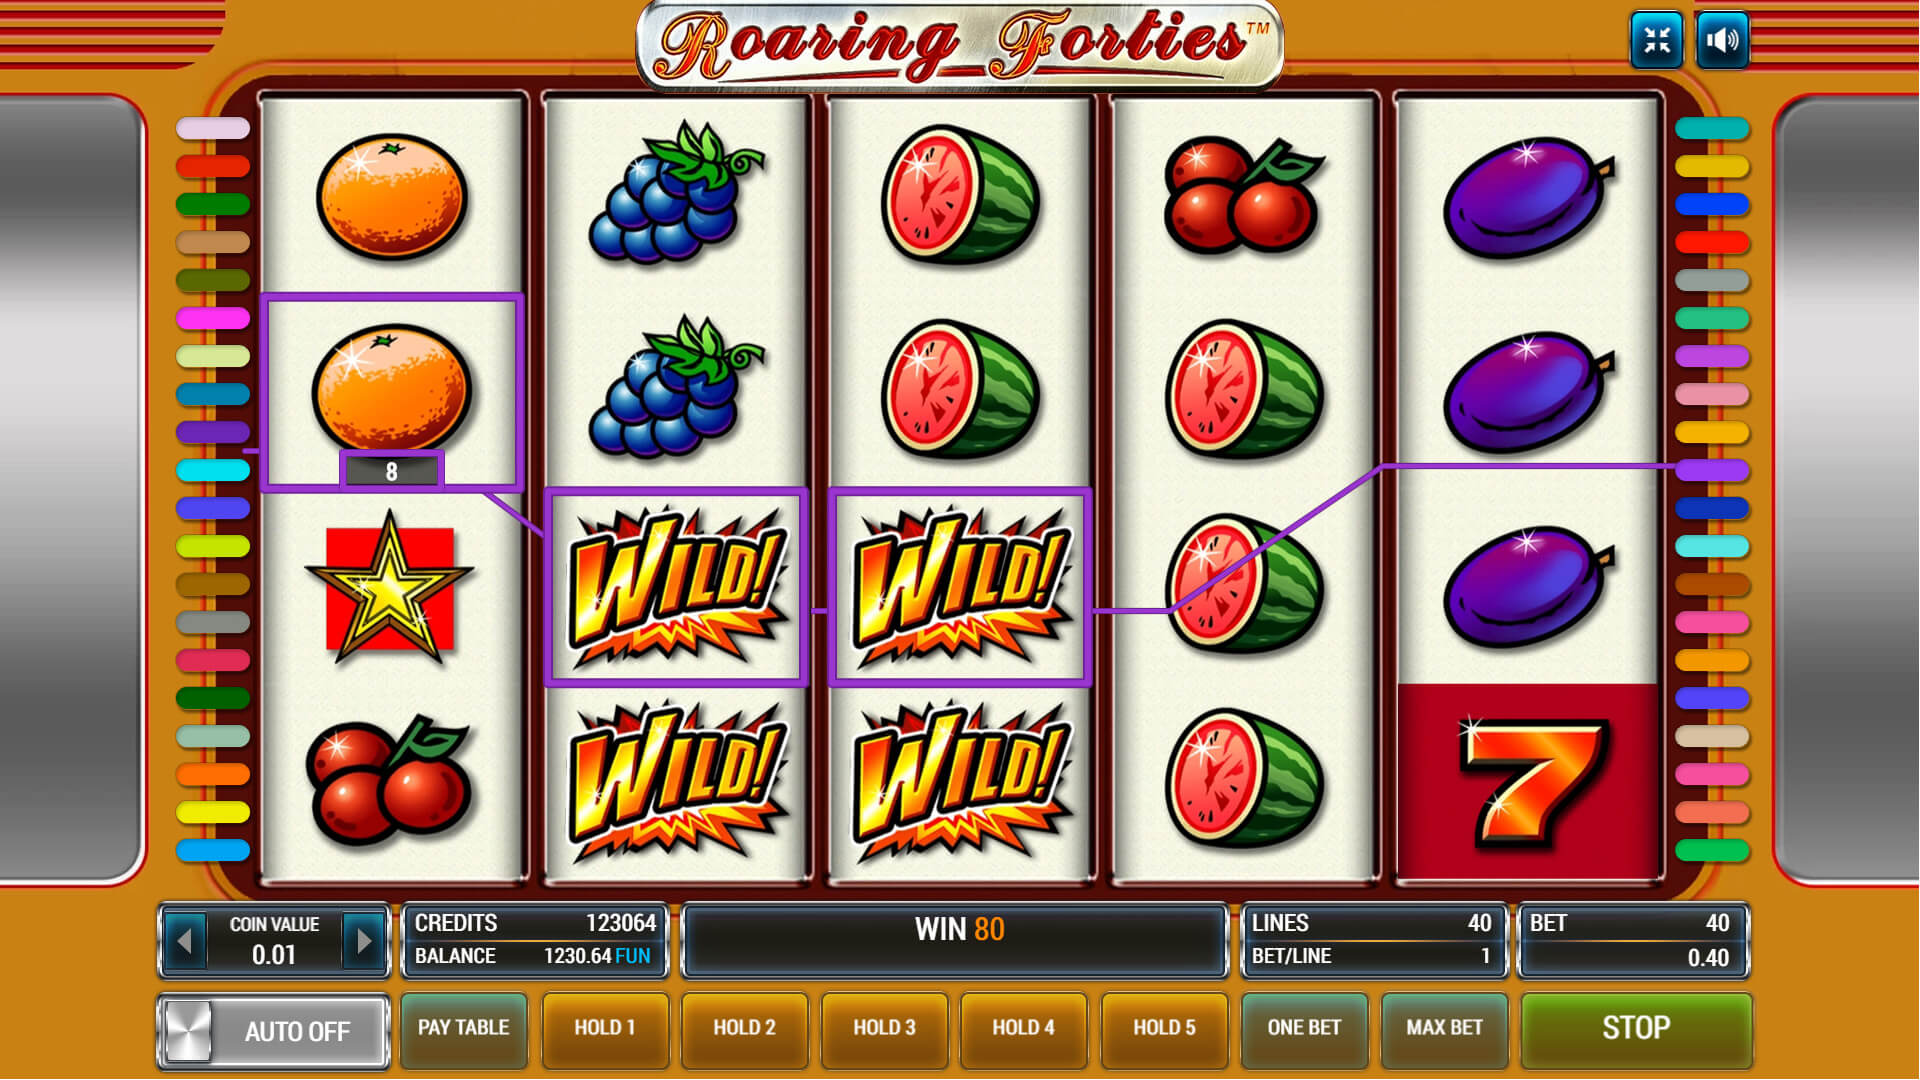 Изображение игрового автомата Roaring Forties 2